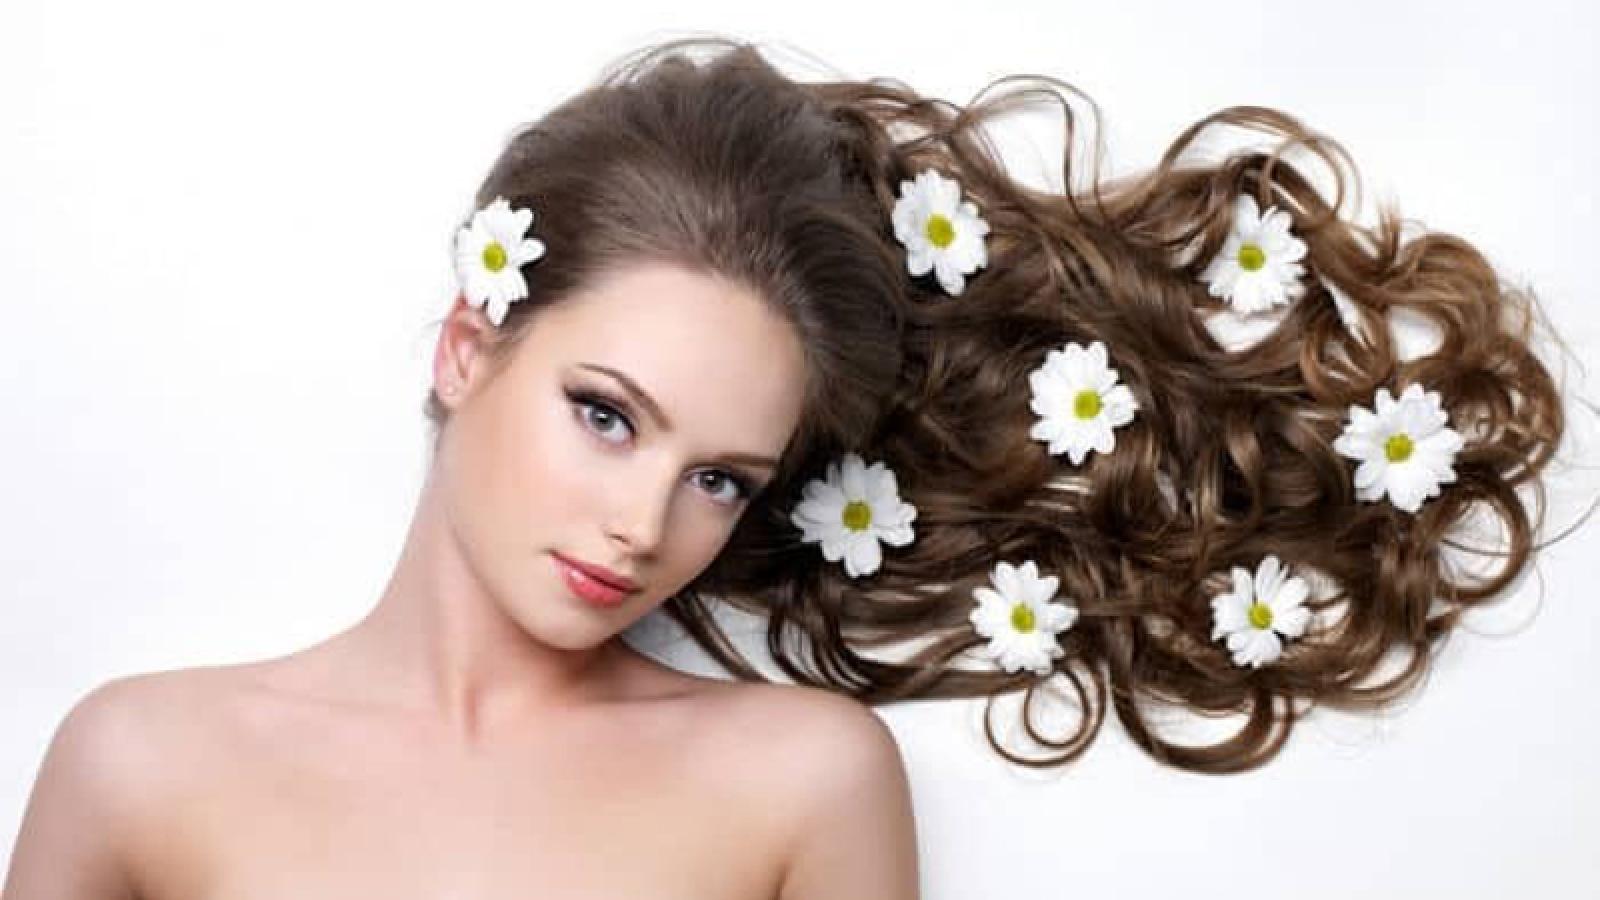 6 thói quen giúp bảo vệ tóc vào mùa đông